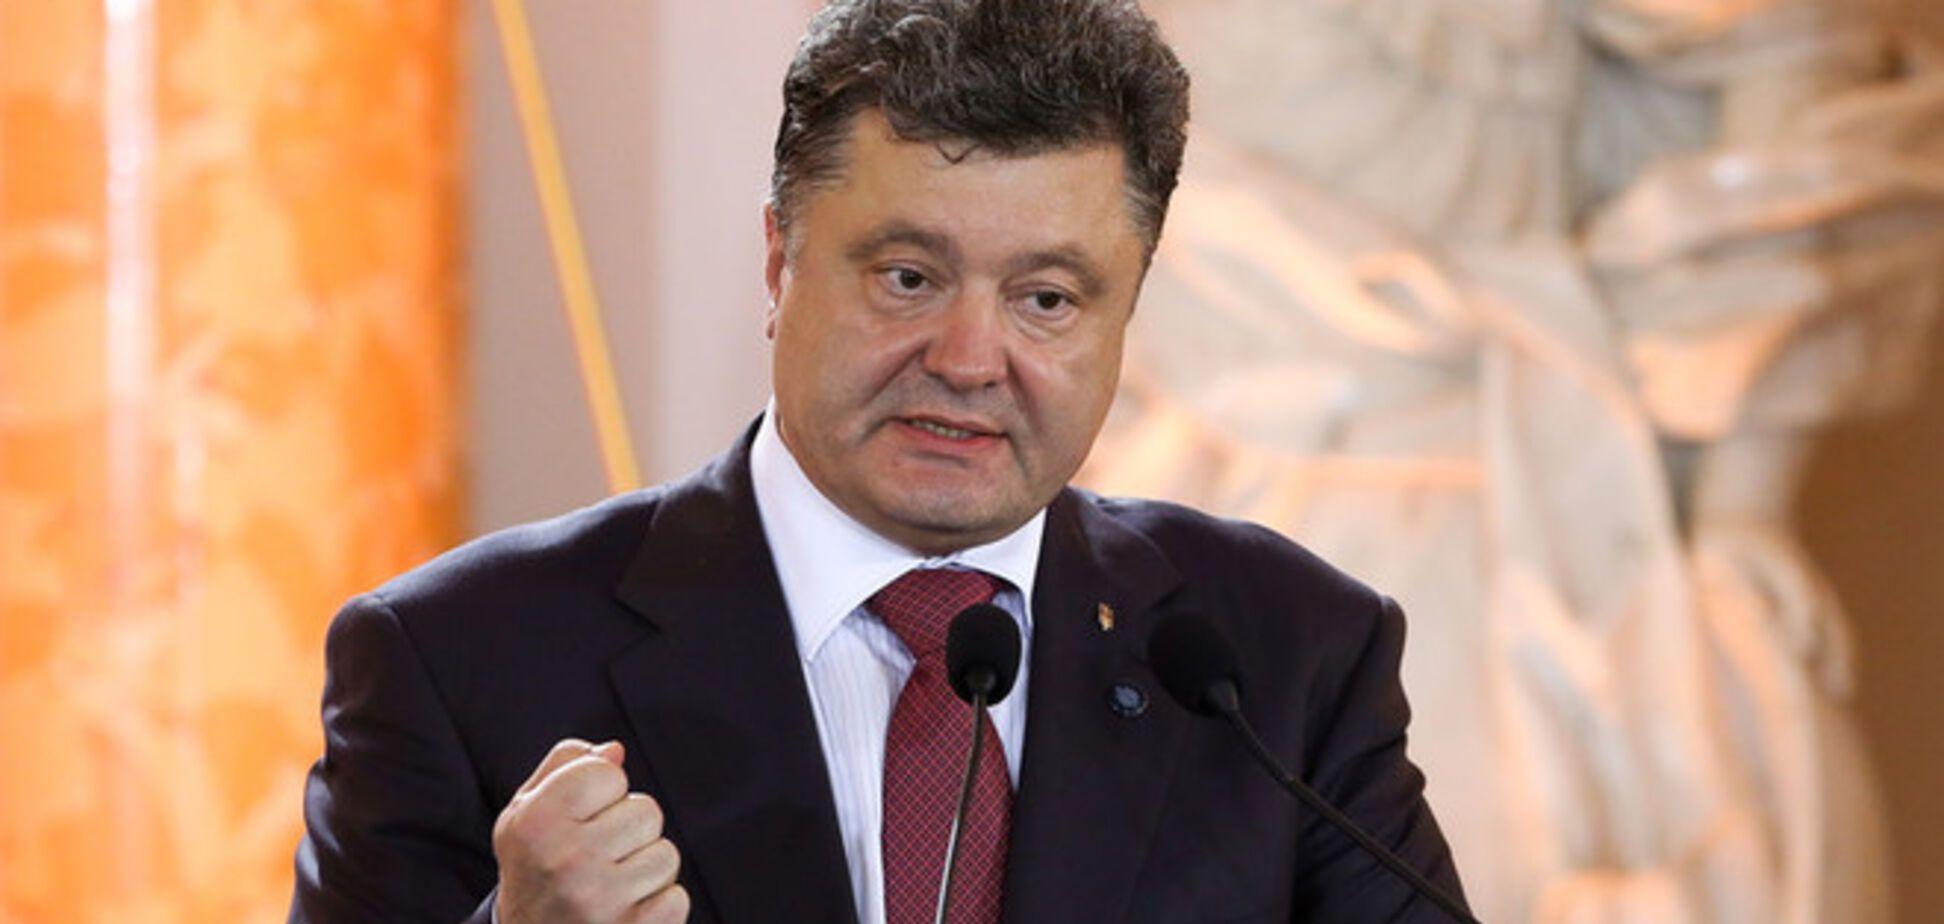 Порошенко на этой неделе внесет в Раду законопроект по децентрализации власти - Турчинов